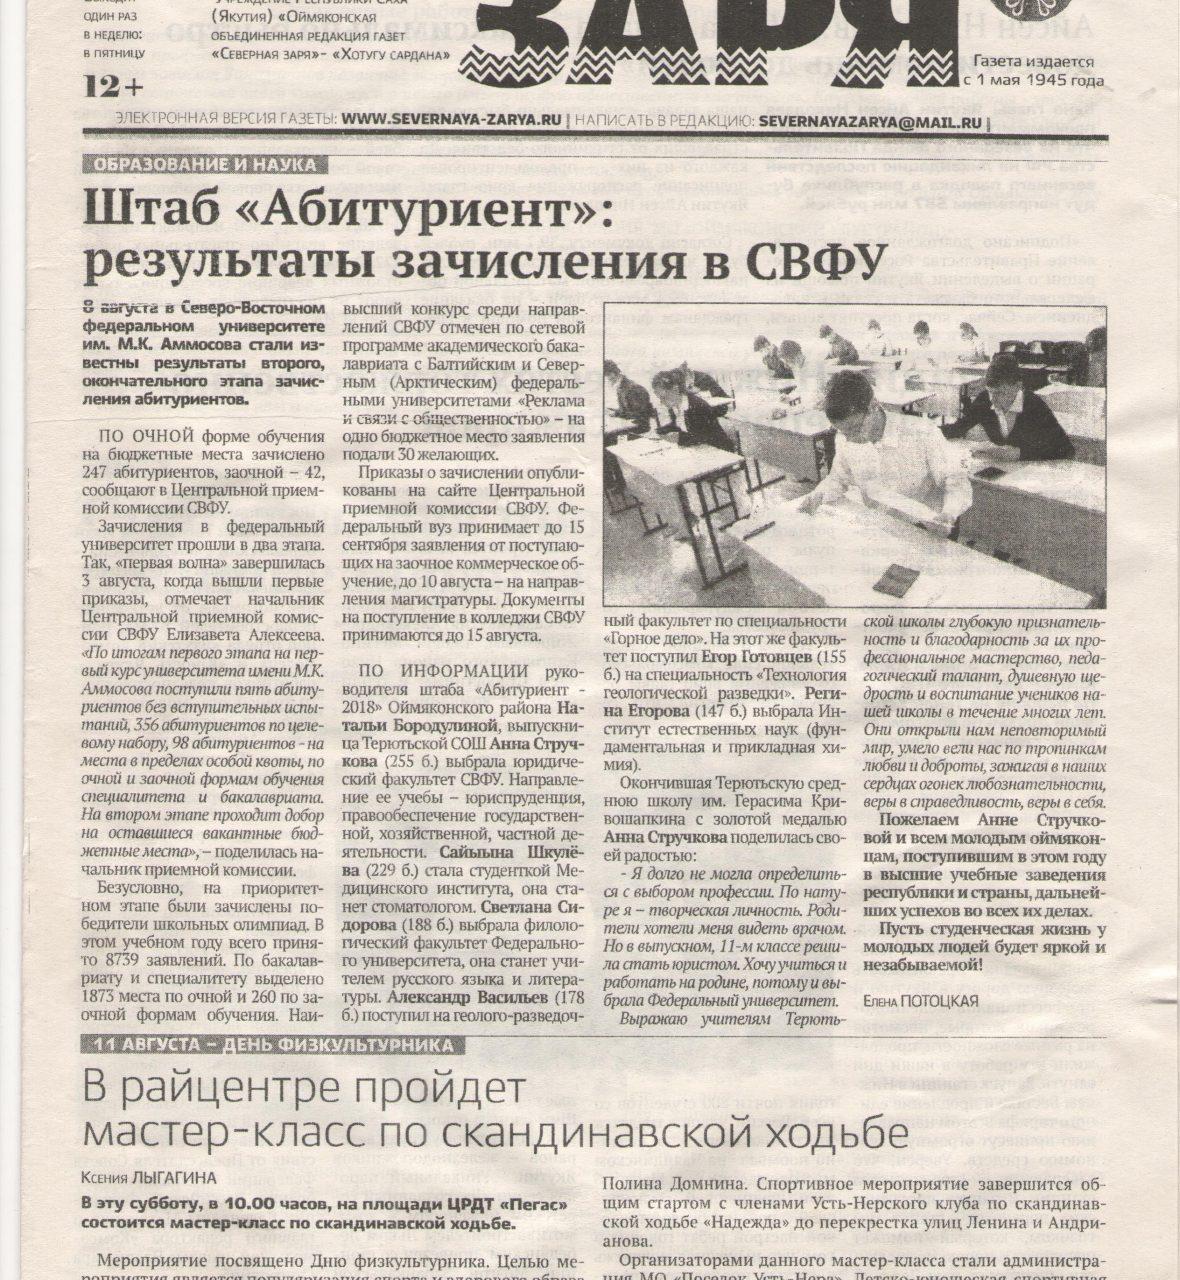 СЗ Штаб АБИТУРИЕНТ 2018 001